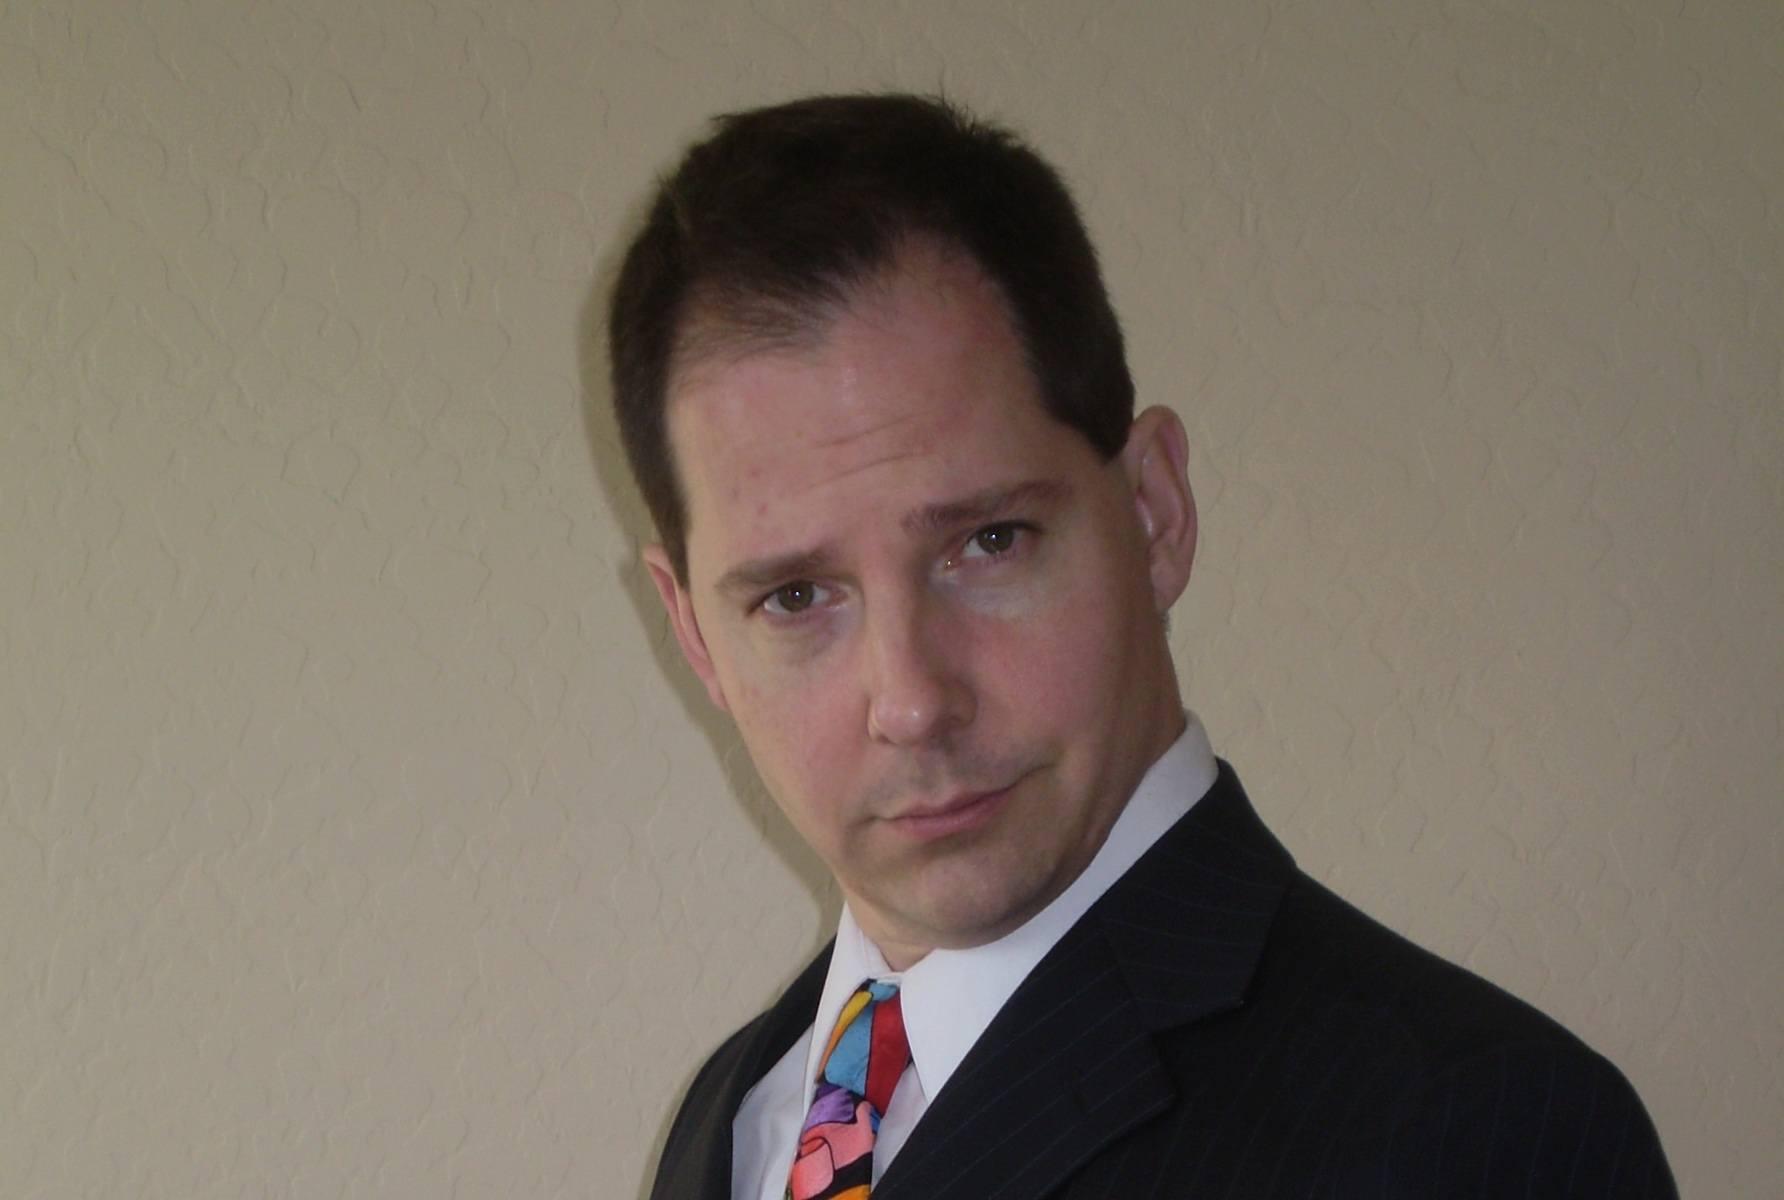 Richard Saling